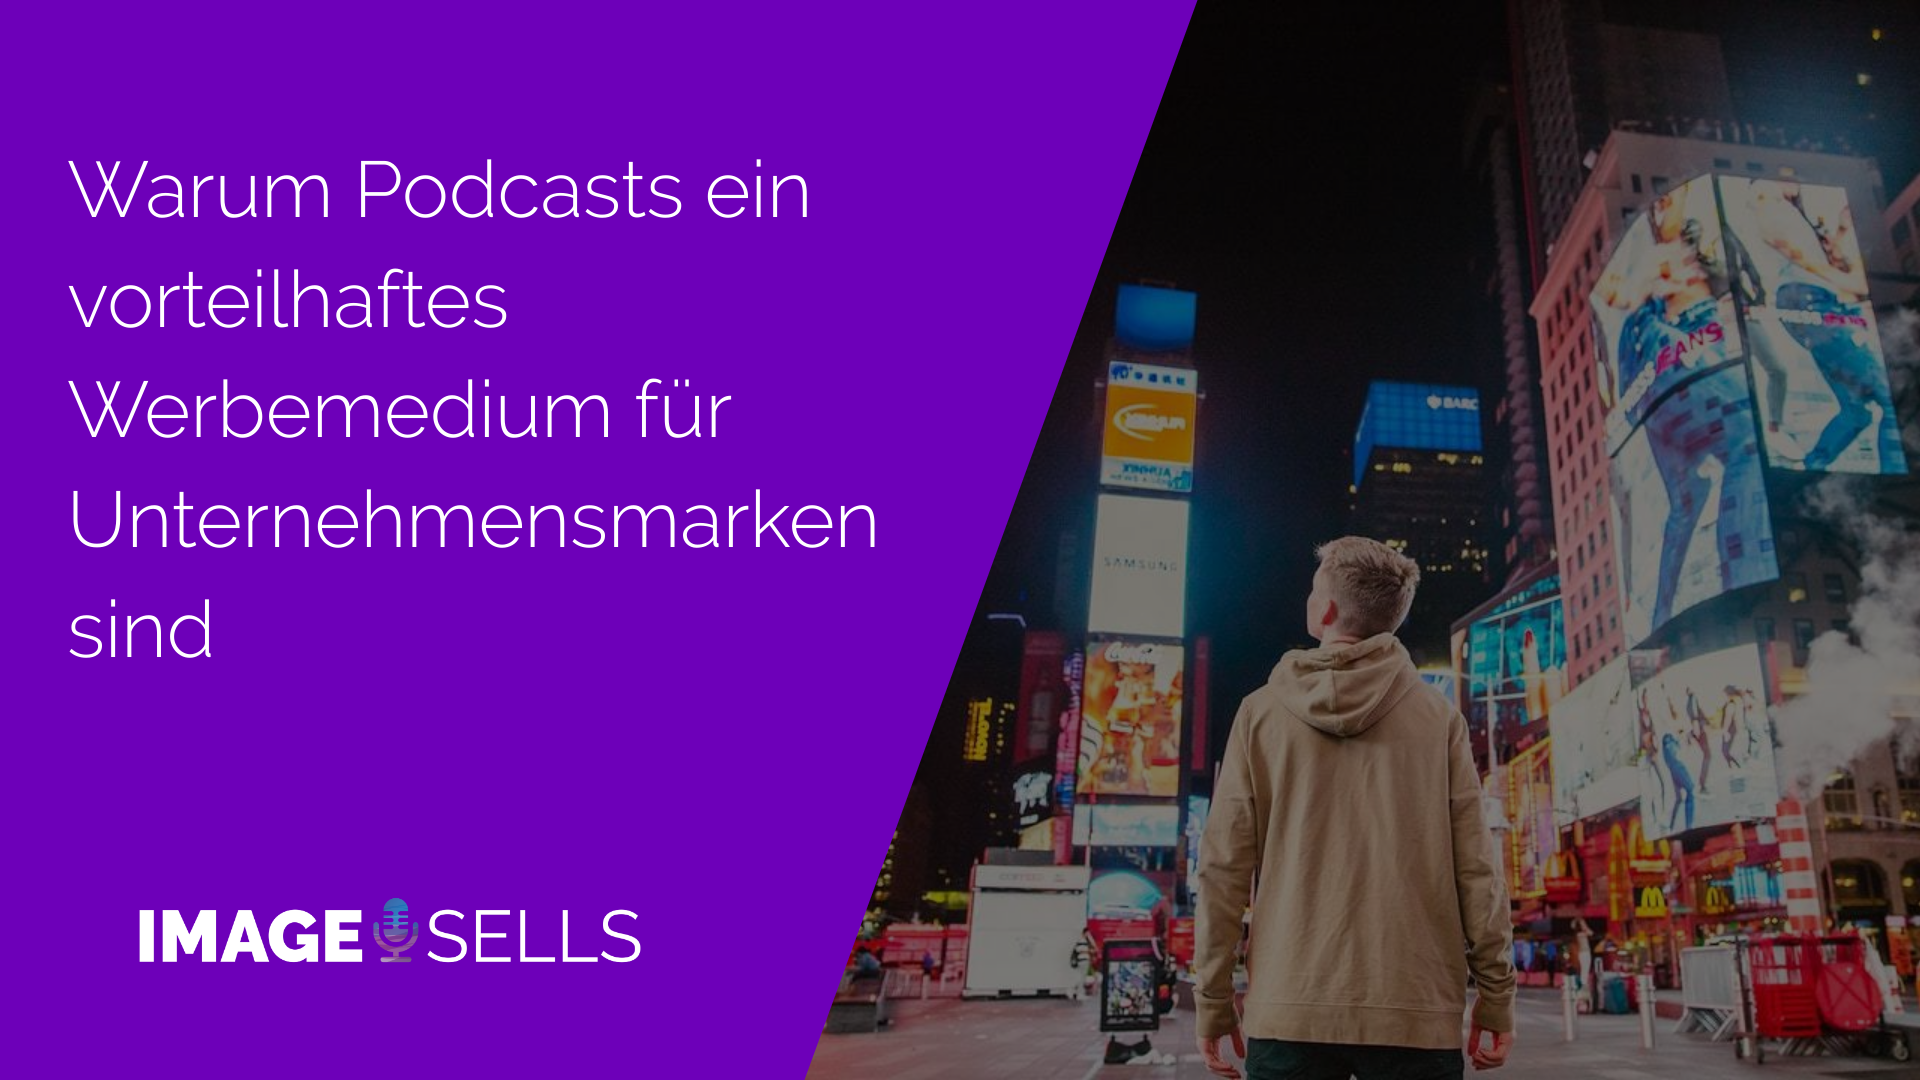 Warum Podcasts ein vorteilhaftes Werbemedium für Unternehmensmarken sind